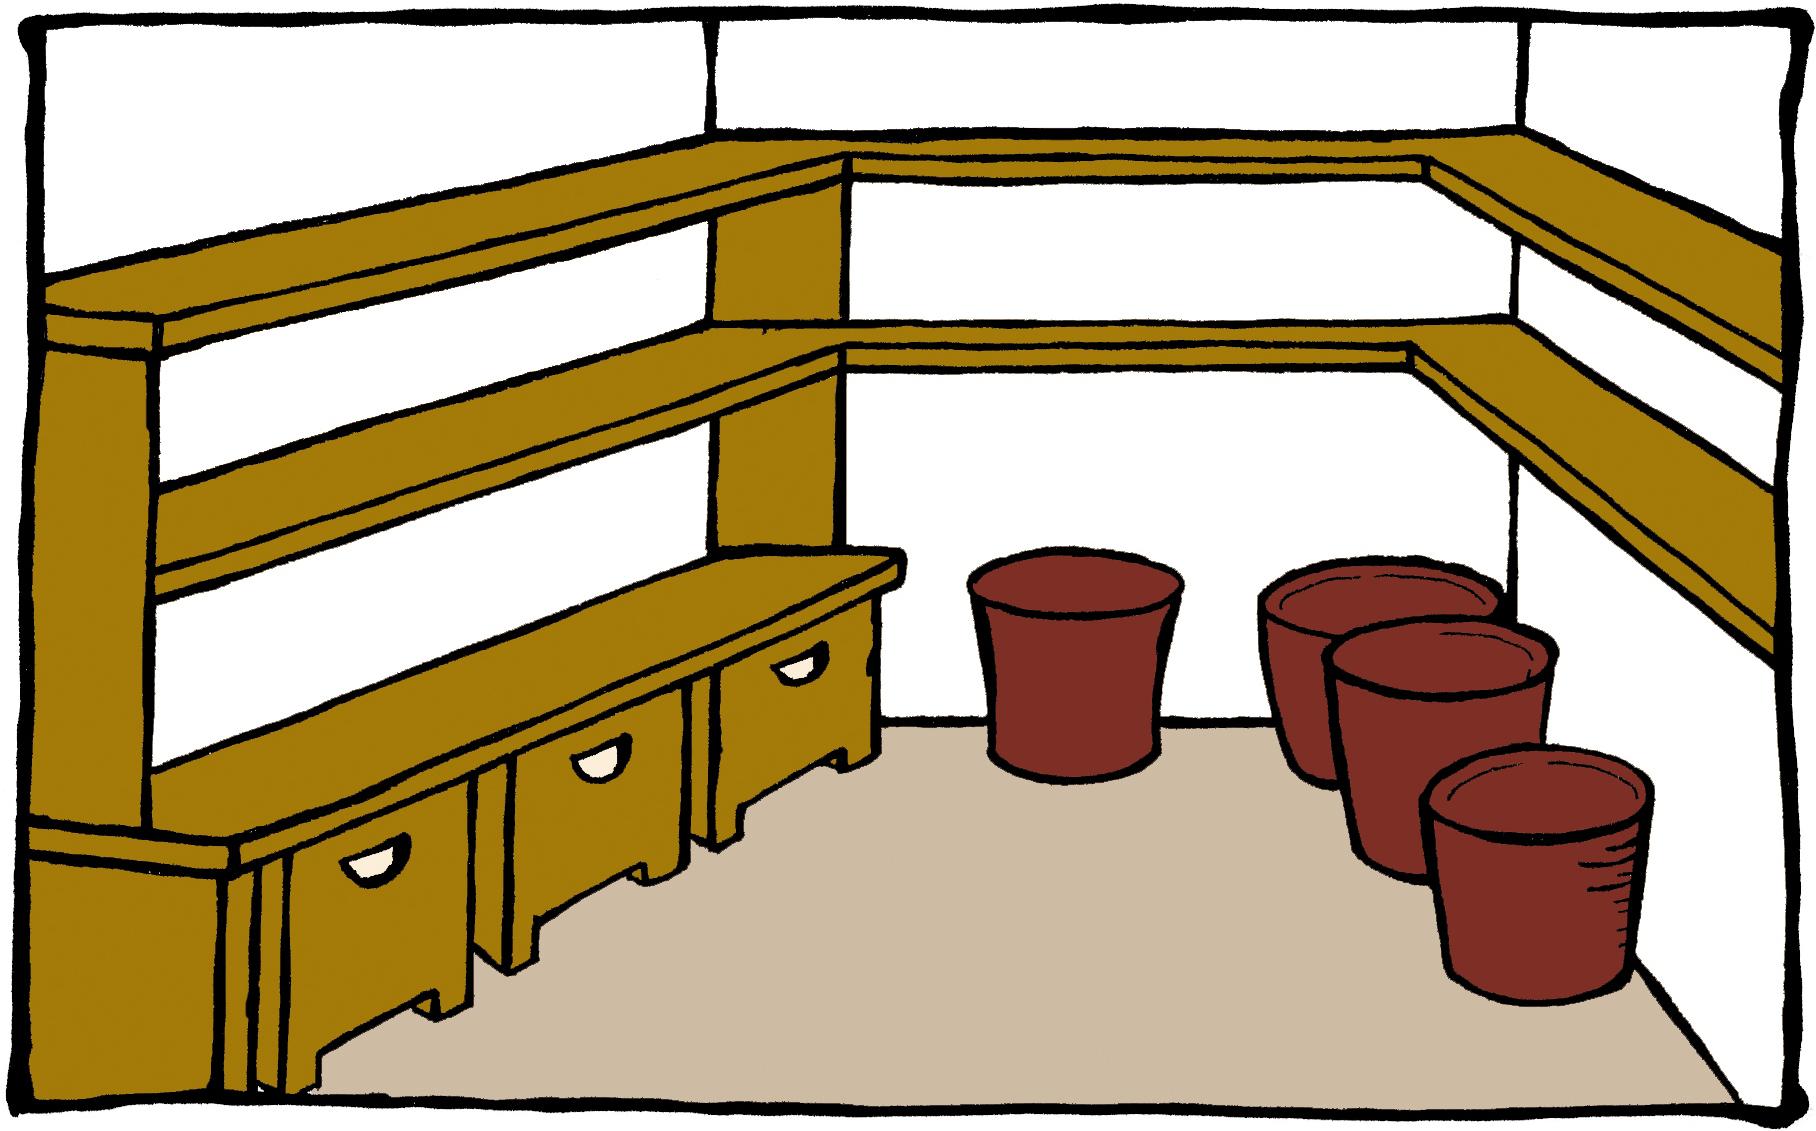 Bien connu Chambre froide construction – Jardinier paresseux KU02